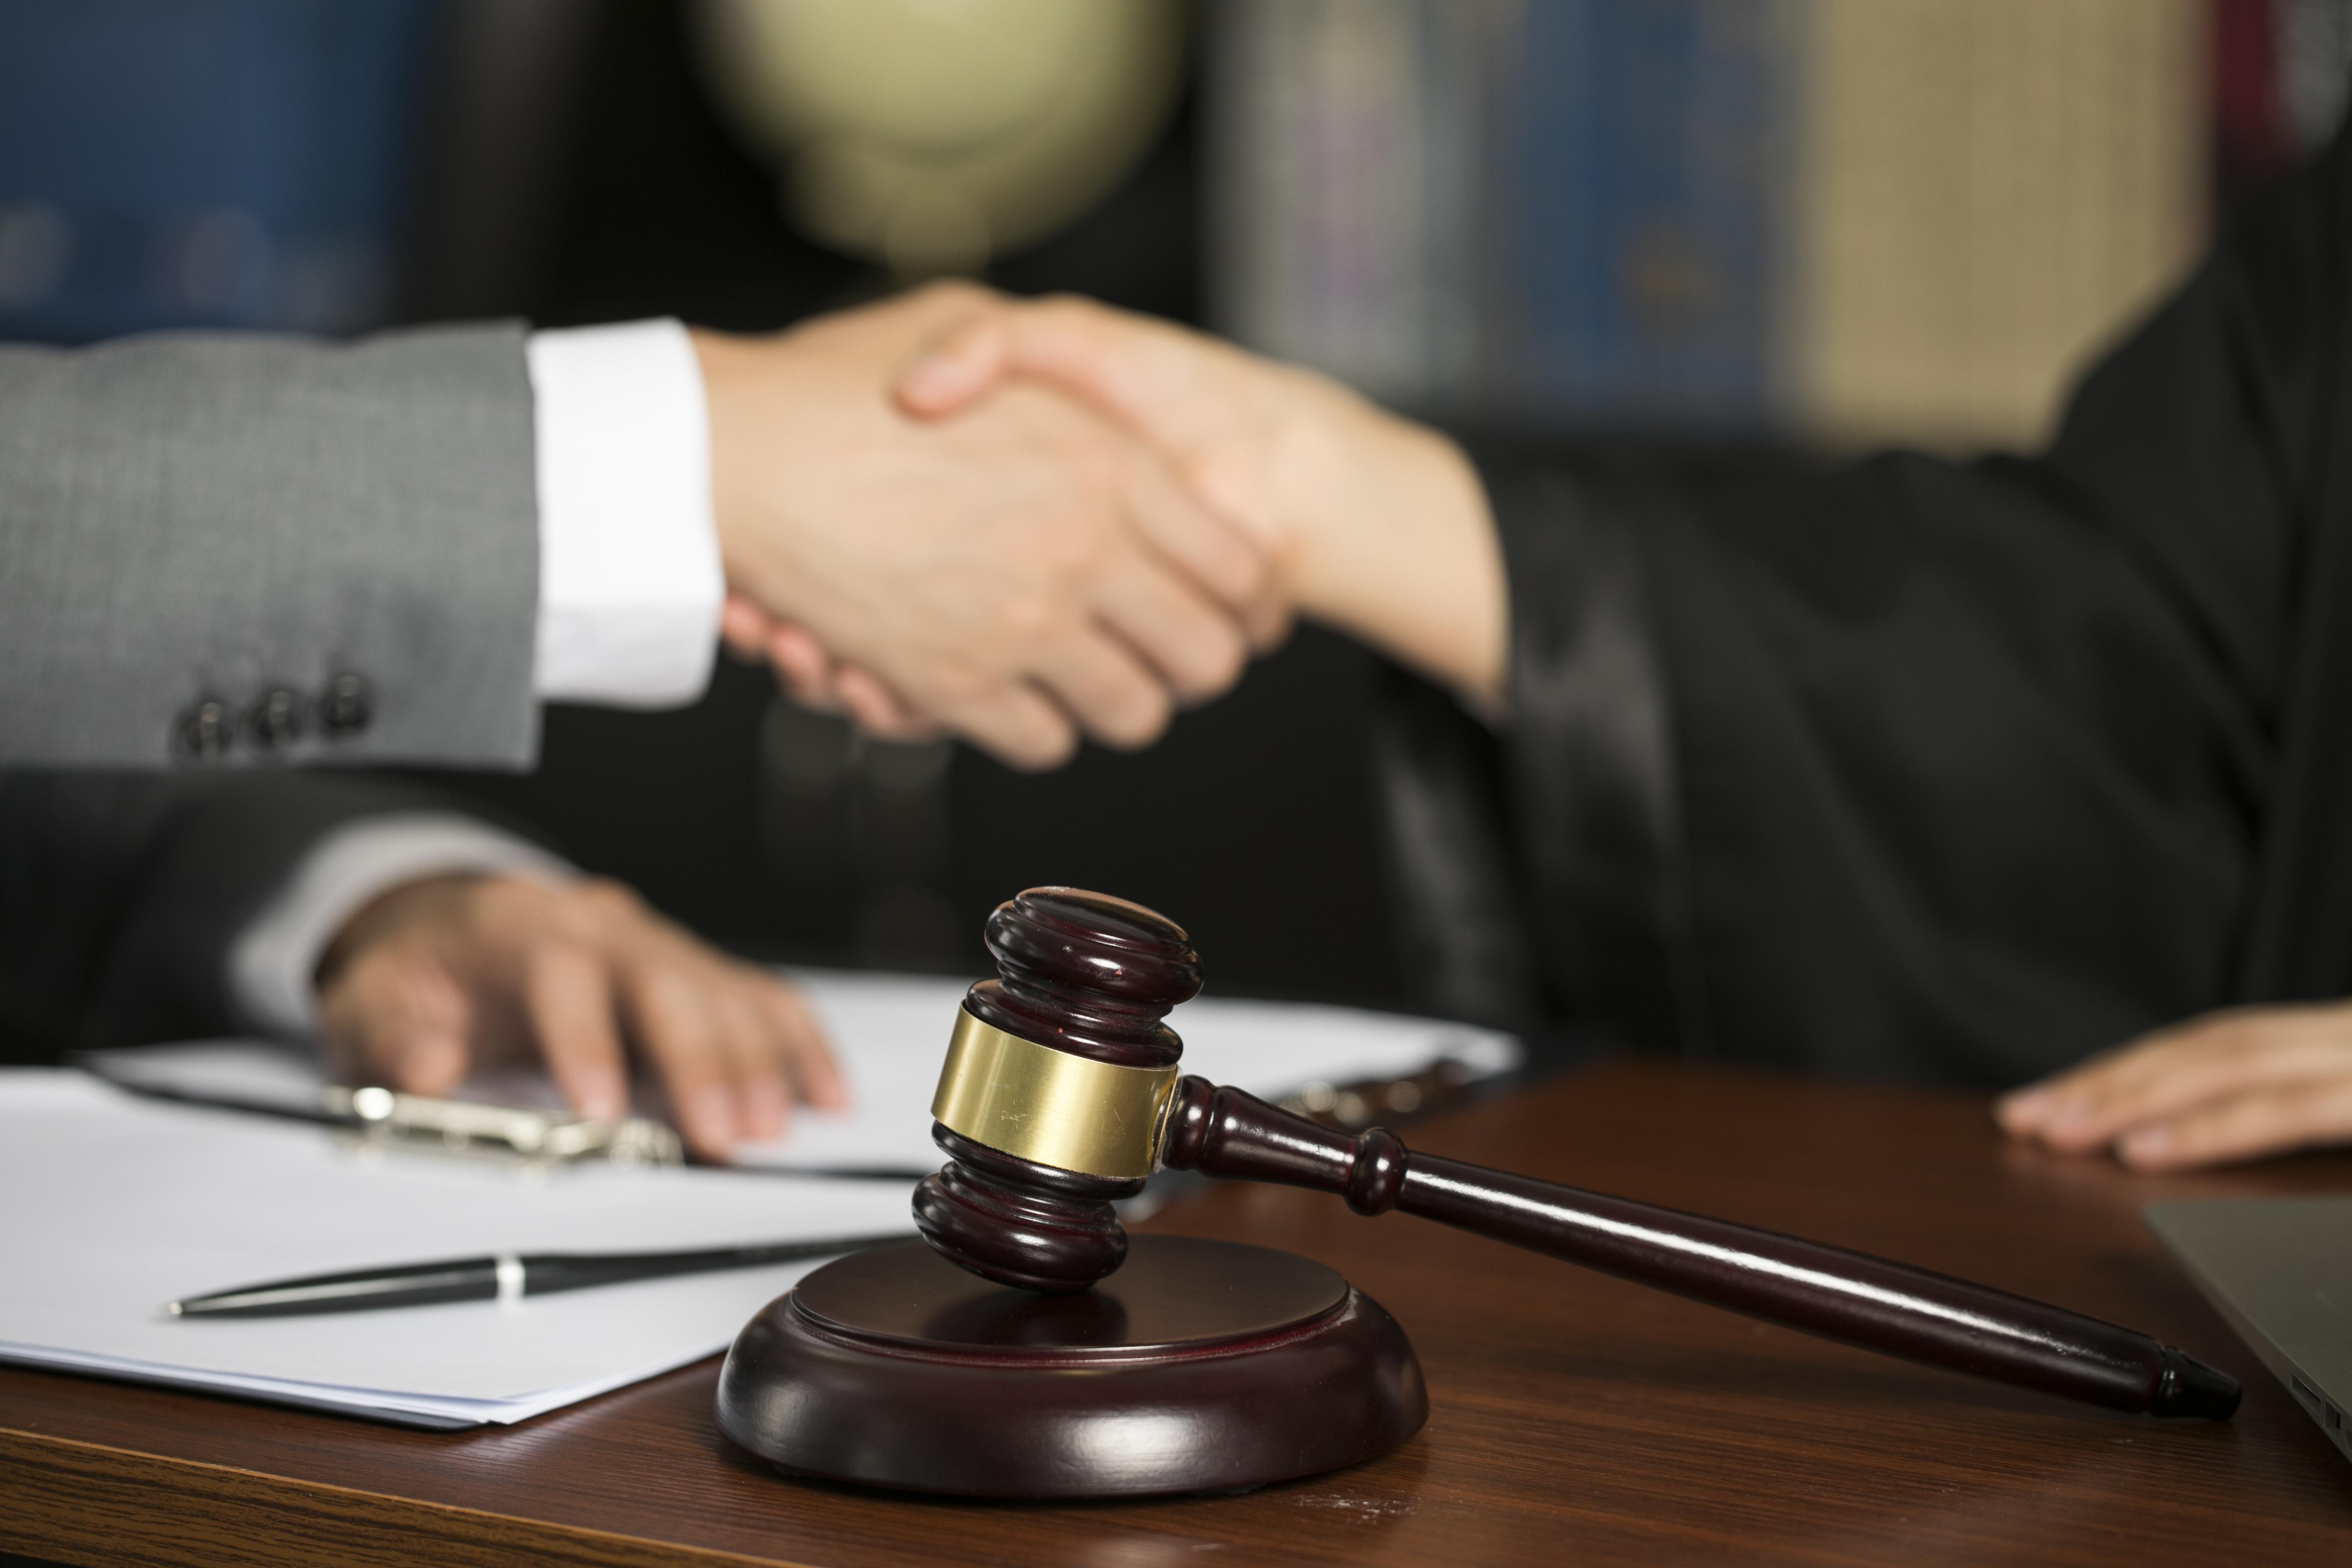 刑事案件起诉条件是什么